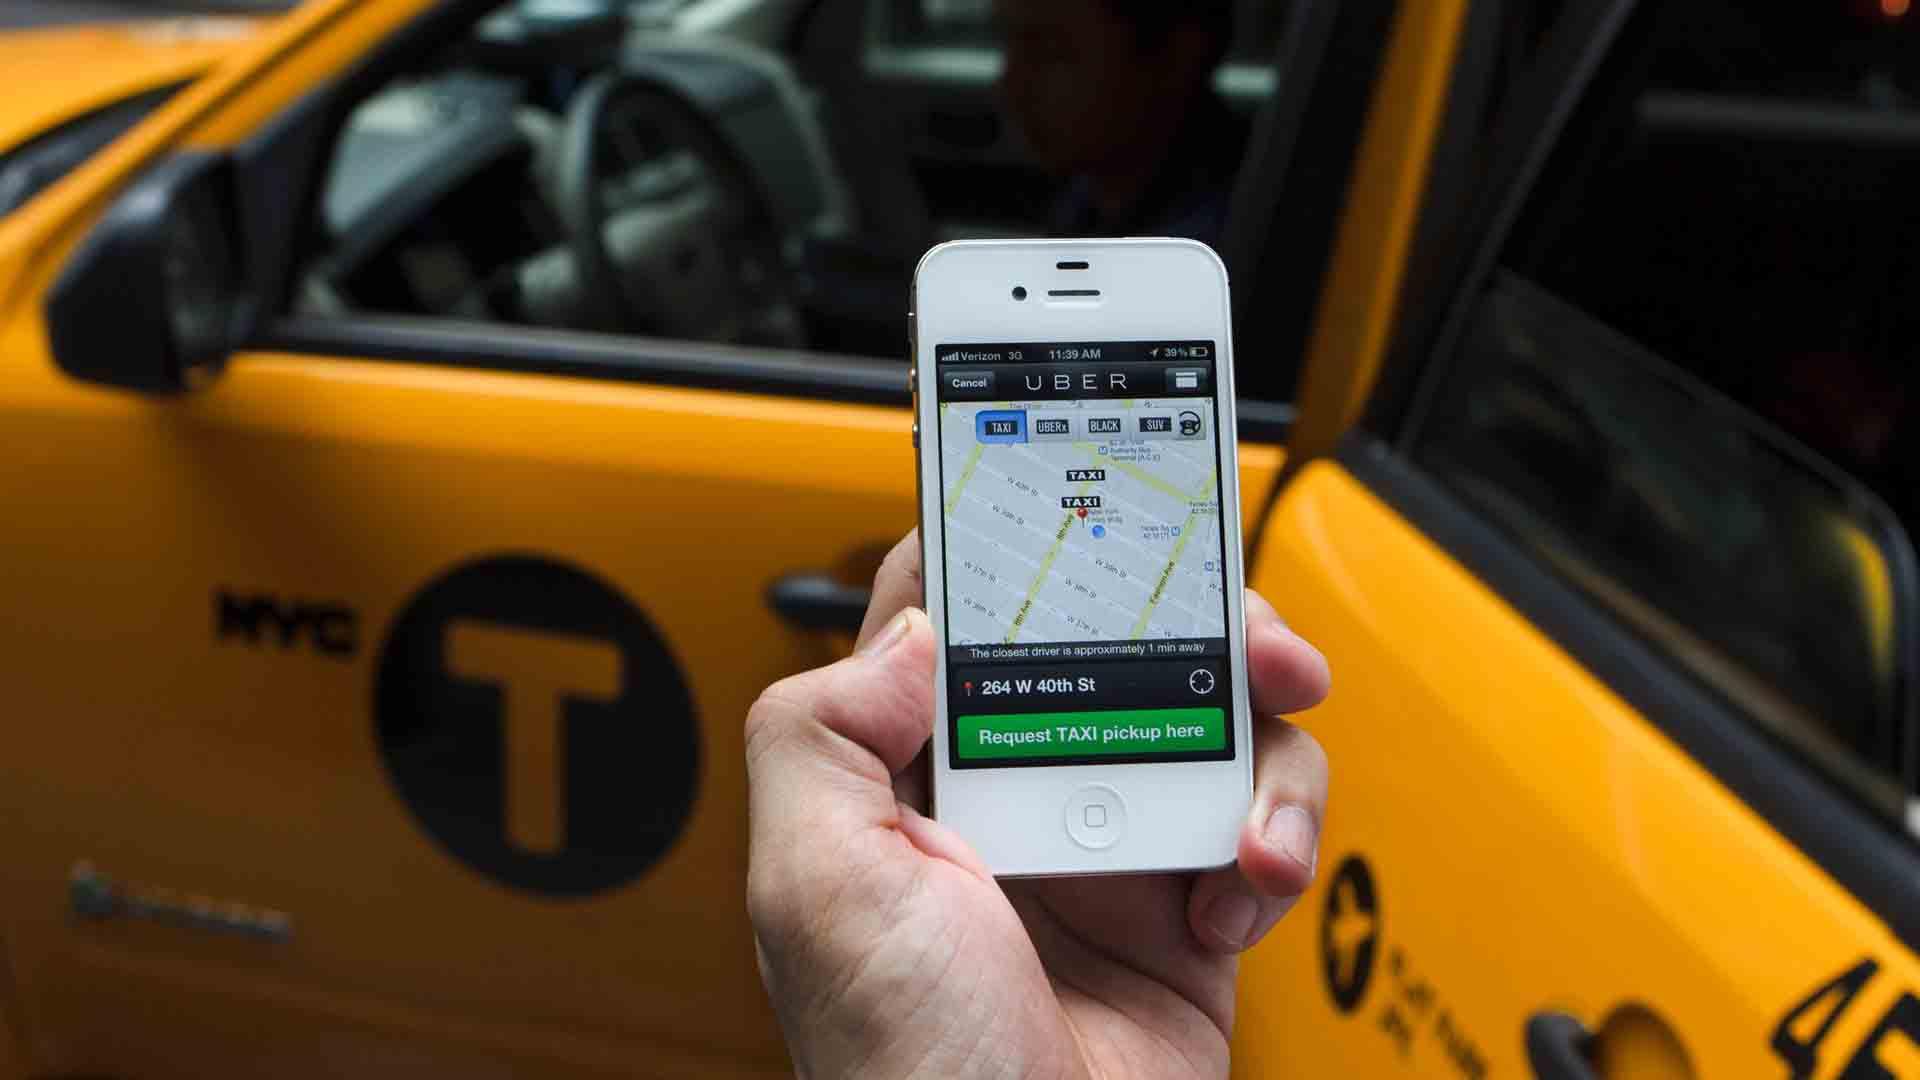 Bloquearán toda entrada tecnológica que permita contratar los servicios de transporte de la empresa